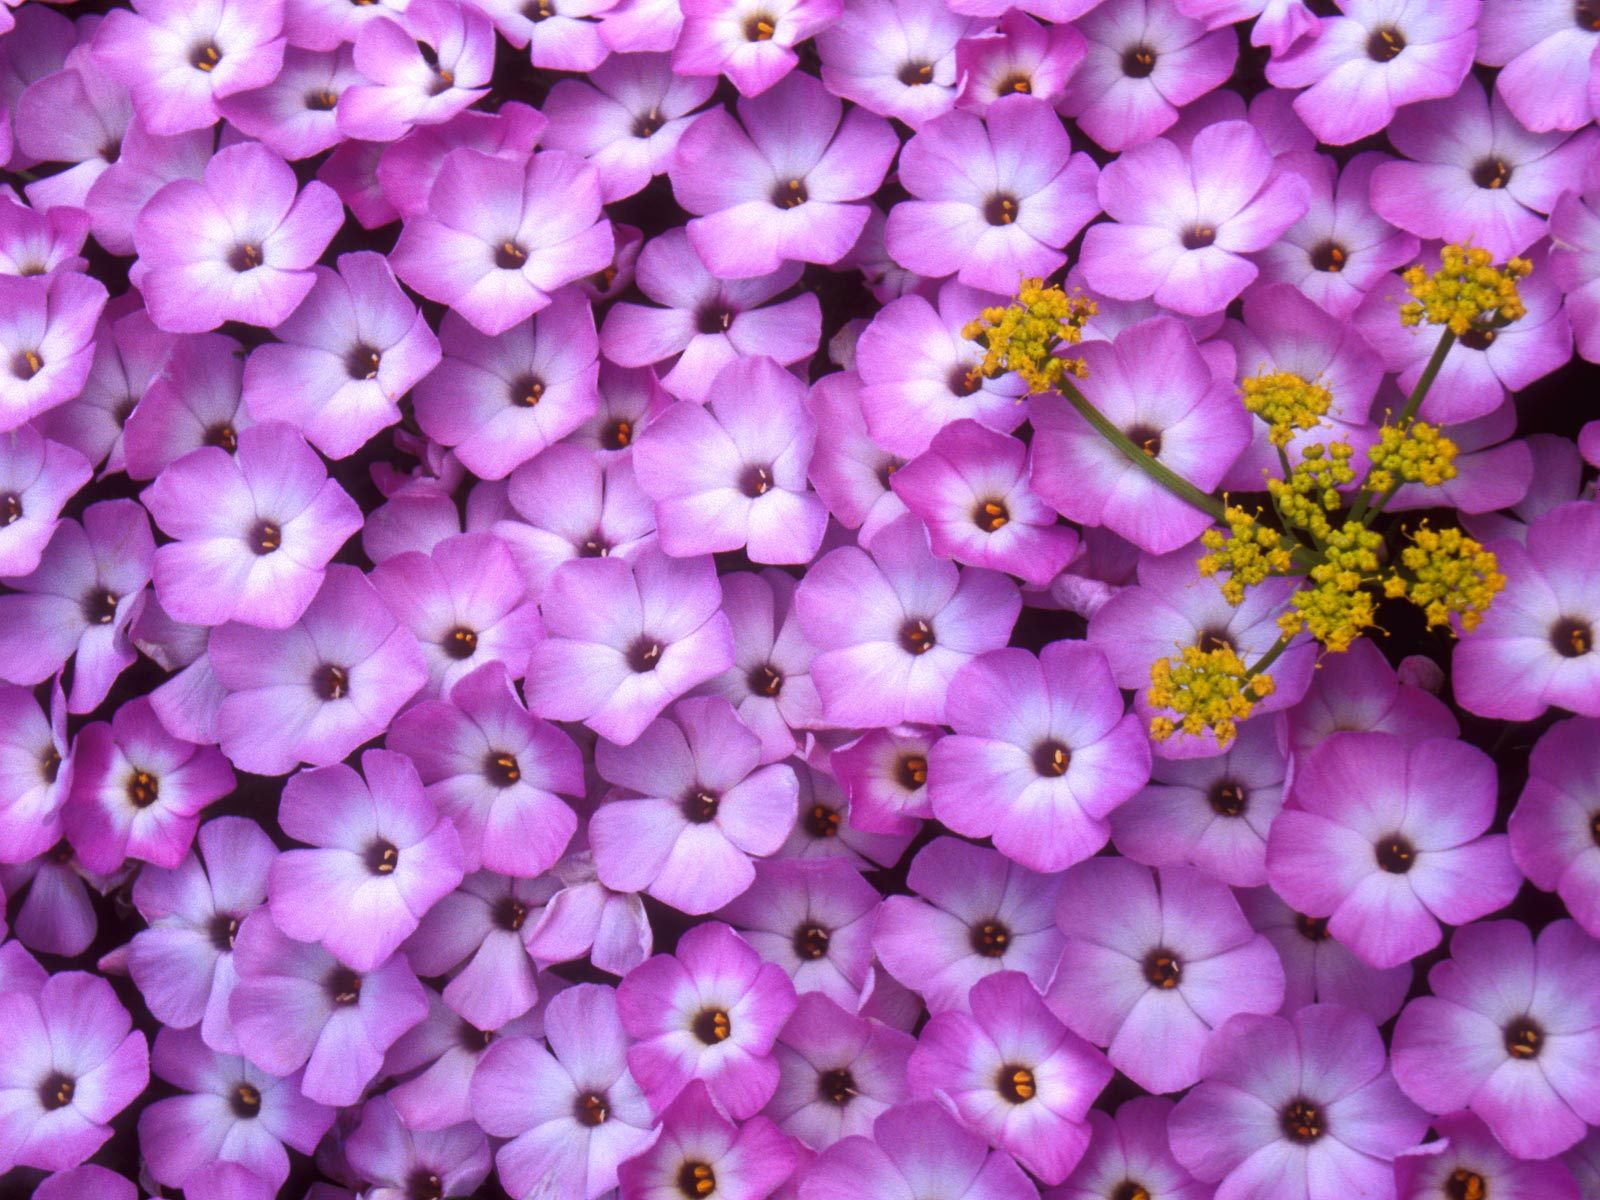 фото цветов флоксы: